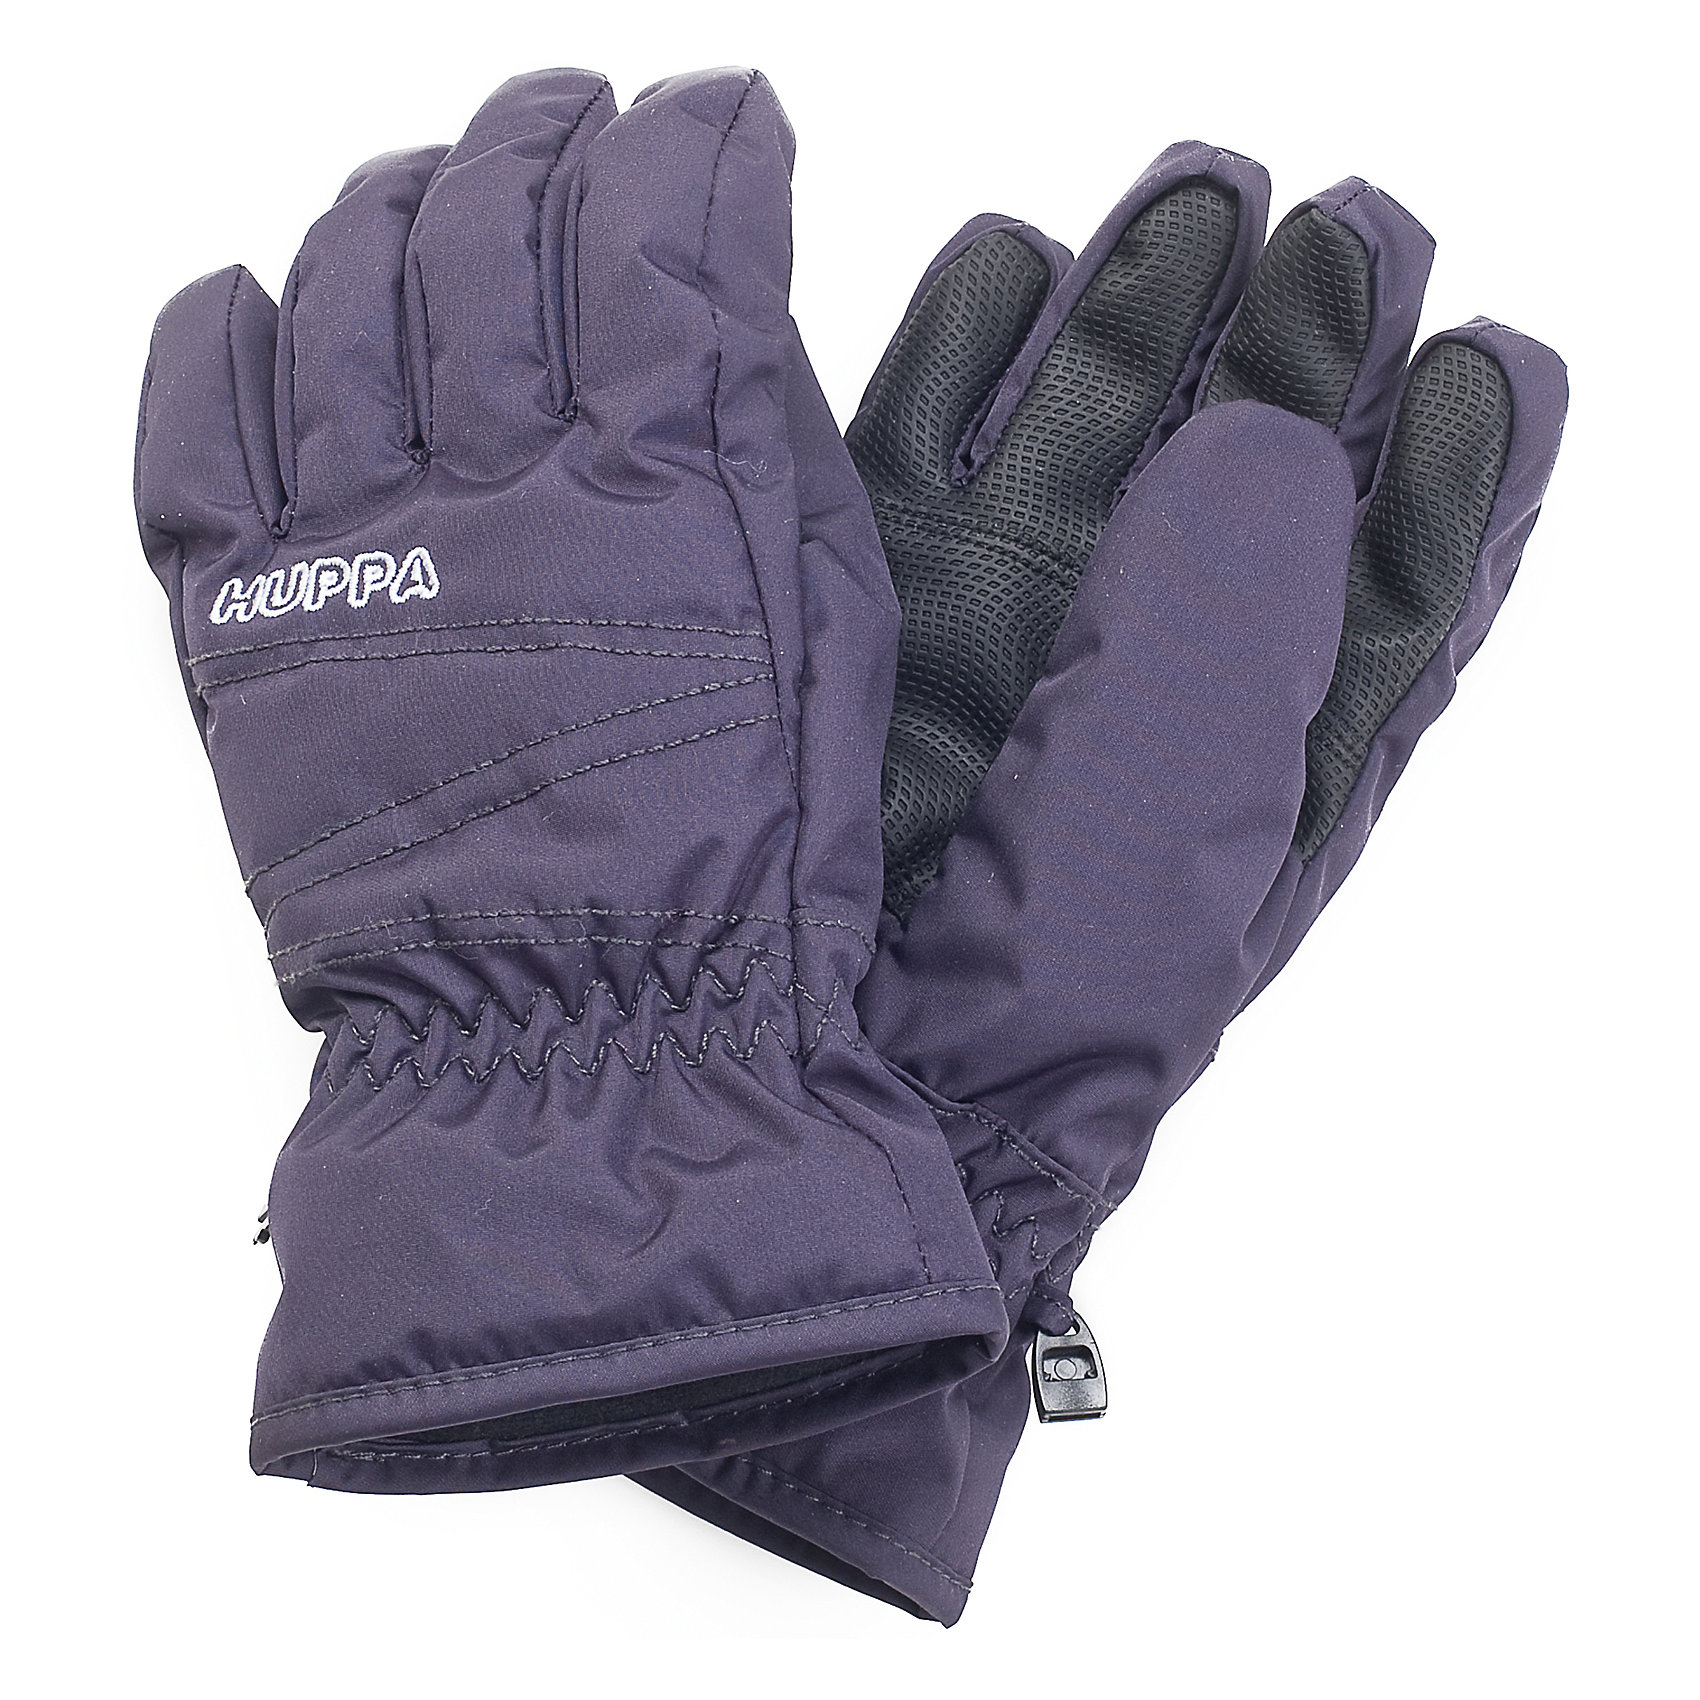 Перчатки для мальчика HuppaДетские классические перчатки. У перчаток приятная подкладка из полиэстера и хорошо дышащая и водоотталкивающая ткань, которая поможет держать руки в сухости и тепле. Для удобства использования на запястье добавлена резинка, которая поможет перчаткам надежно держаться на руках, а в качестве украшения - красивая вышивка. Маленькие зажимы в средней части помогут держать пару варежек вместе после использования. <br><br>Перчатки для мальчика Huppa (Хуппа) можно купить в нашем магазине.<br><br>Ширина мм: 162<br>Глубина мм: 171<br>Высота мм: 55<br>Вес г: 119<br>Цвет: серый<br>Возраст от месяцев: 72<br>Возраст до месяцев: 96<br>Пол: Мужской<br>Возраст: Детский<br>Размер: 5,6,8,7,4,3<br>SKU: 4242846